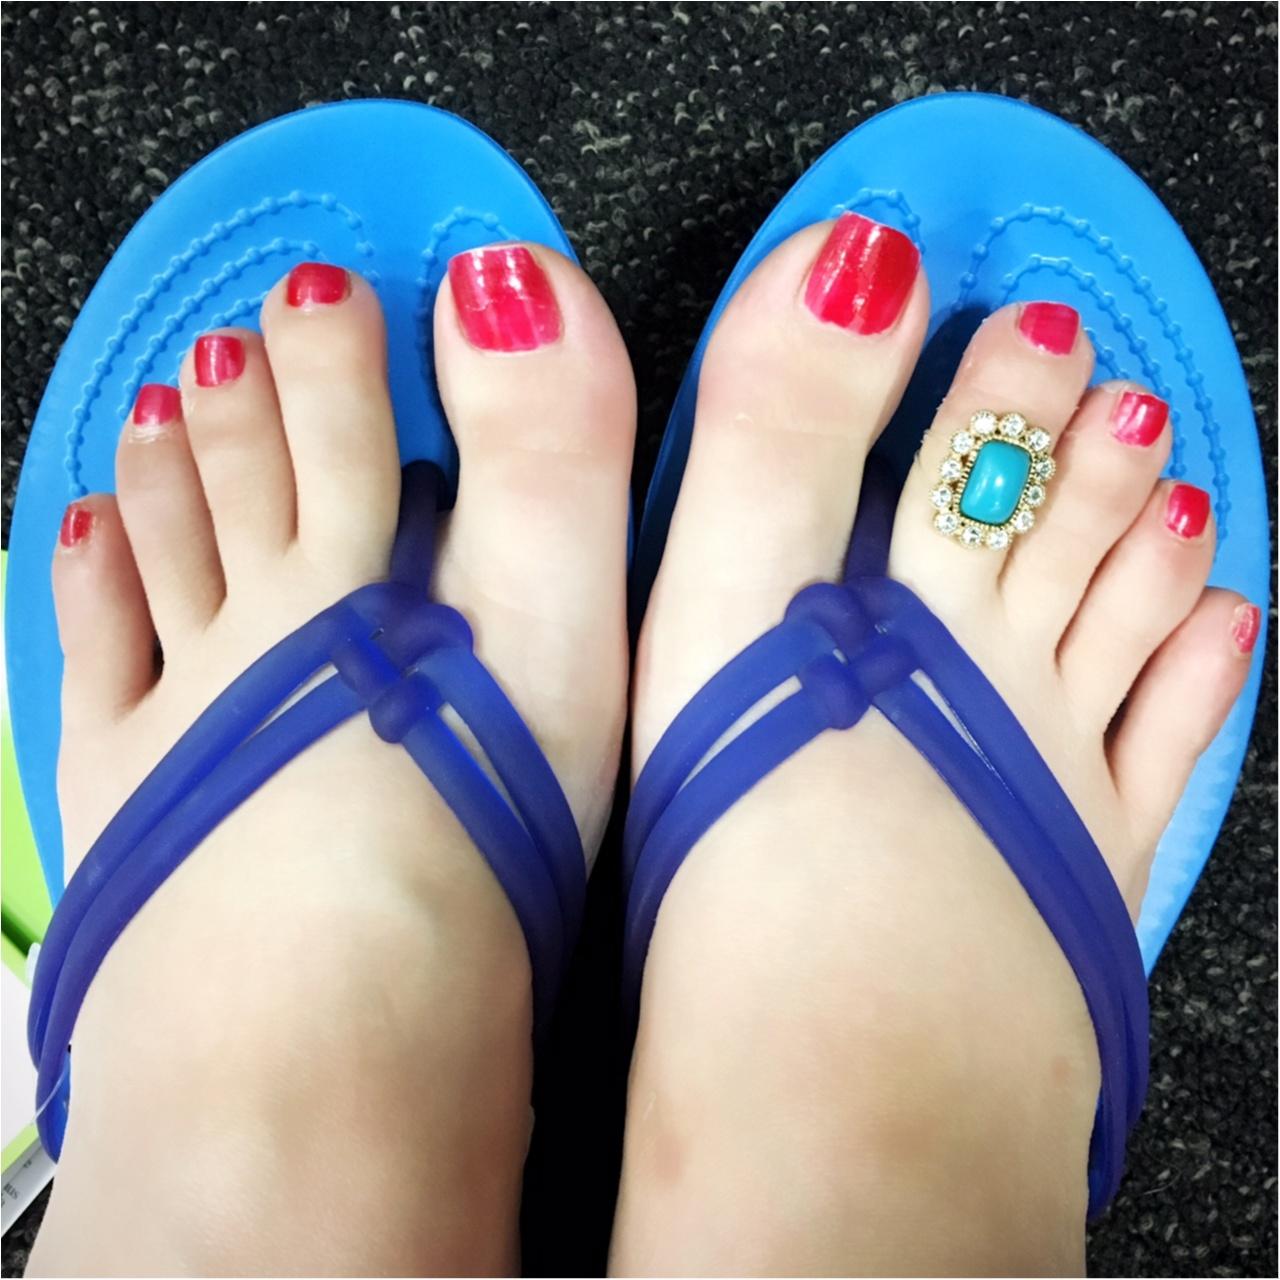 """夏の足もと、ペディキュアだけでいいの? 『Floats!』のトゥーリングであなたも""""トゥーラー""""になっちゃおう♡_3_3"""